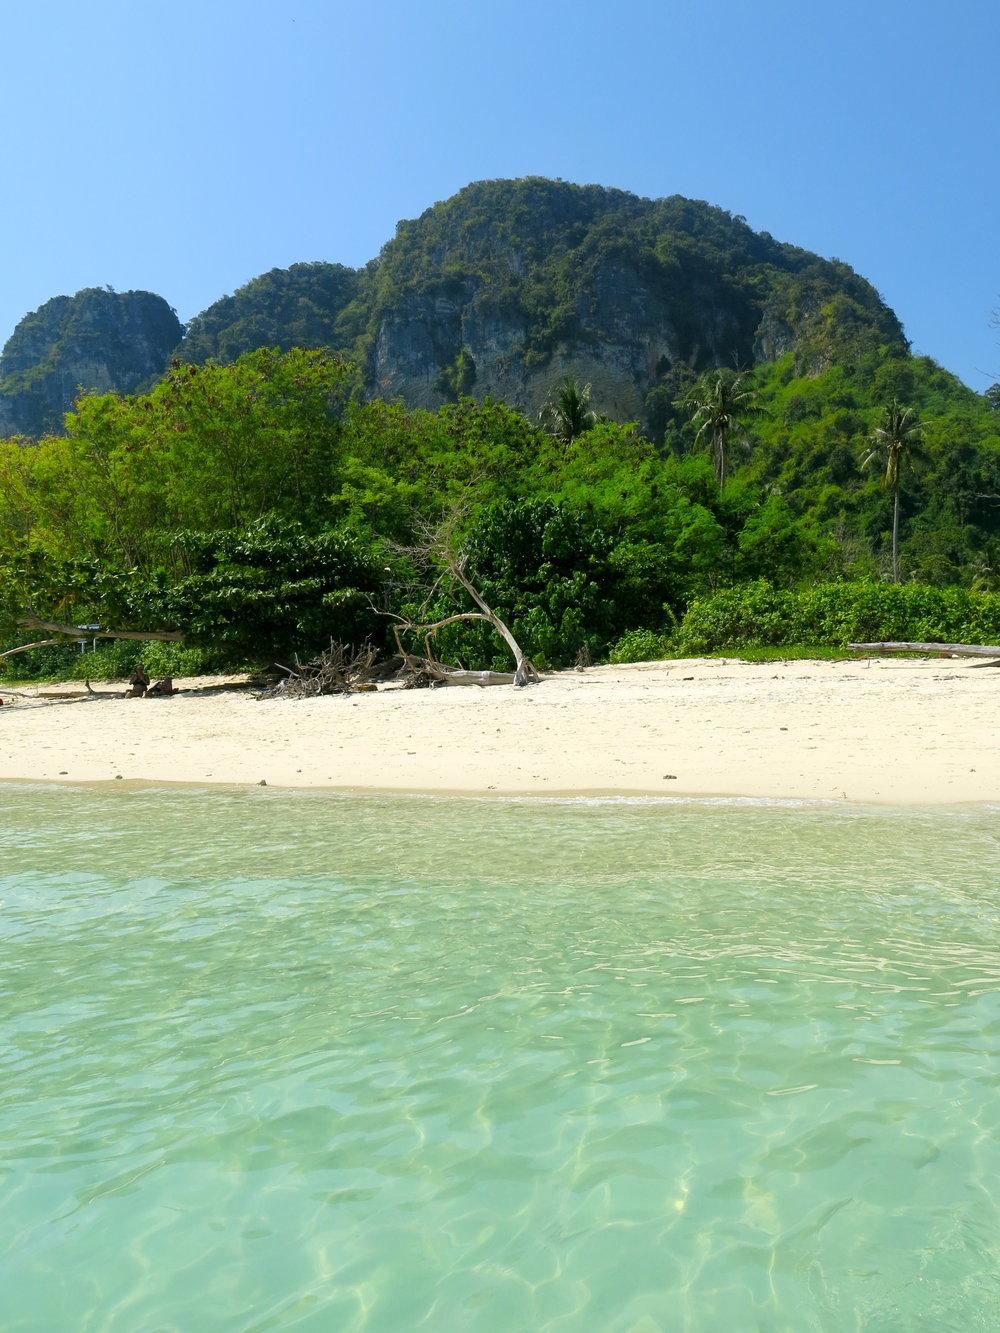 Our cast-away spot on the beach on Koh Poda island